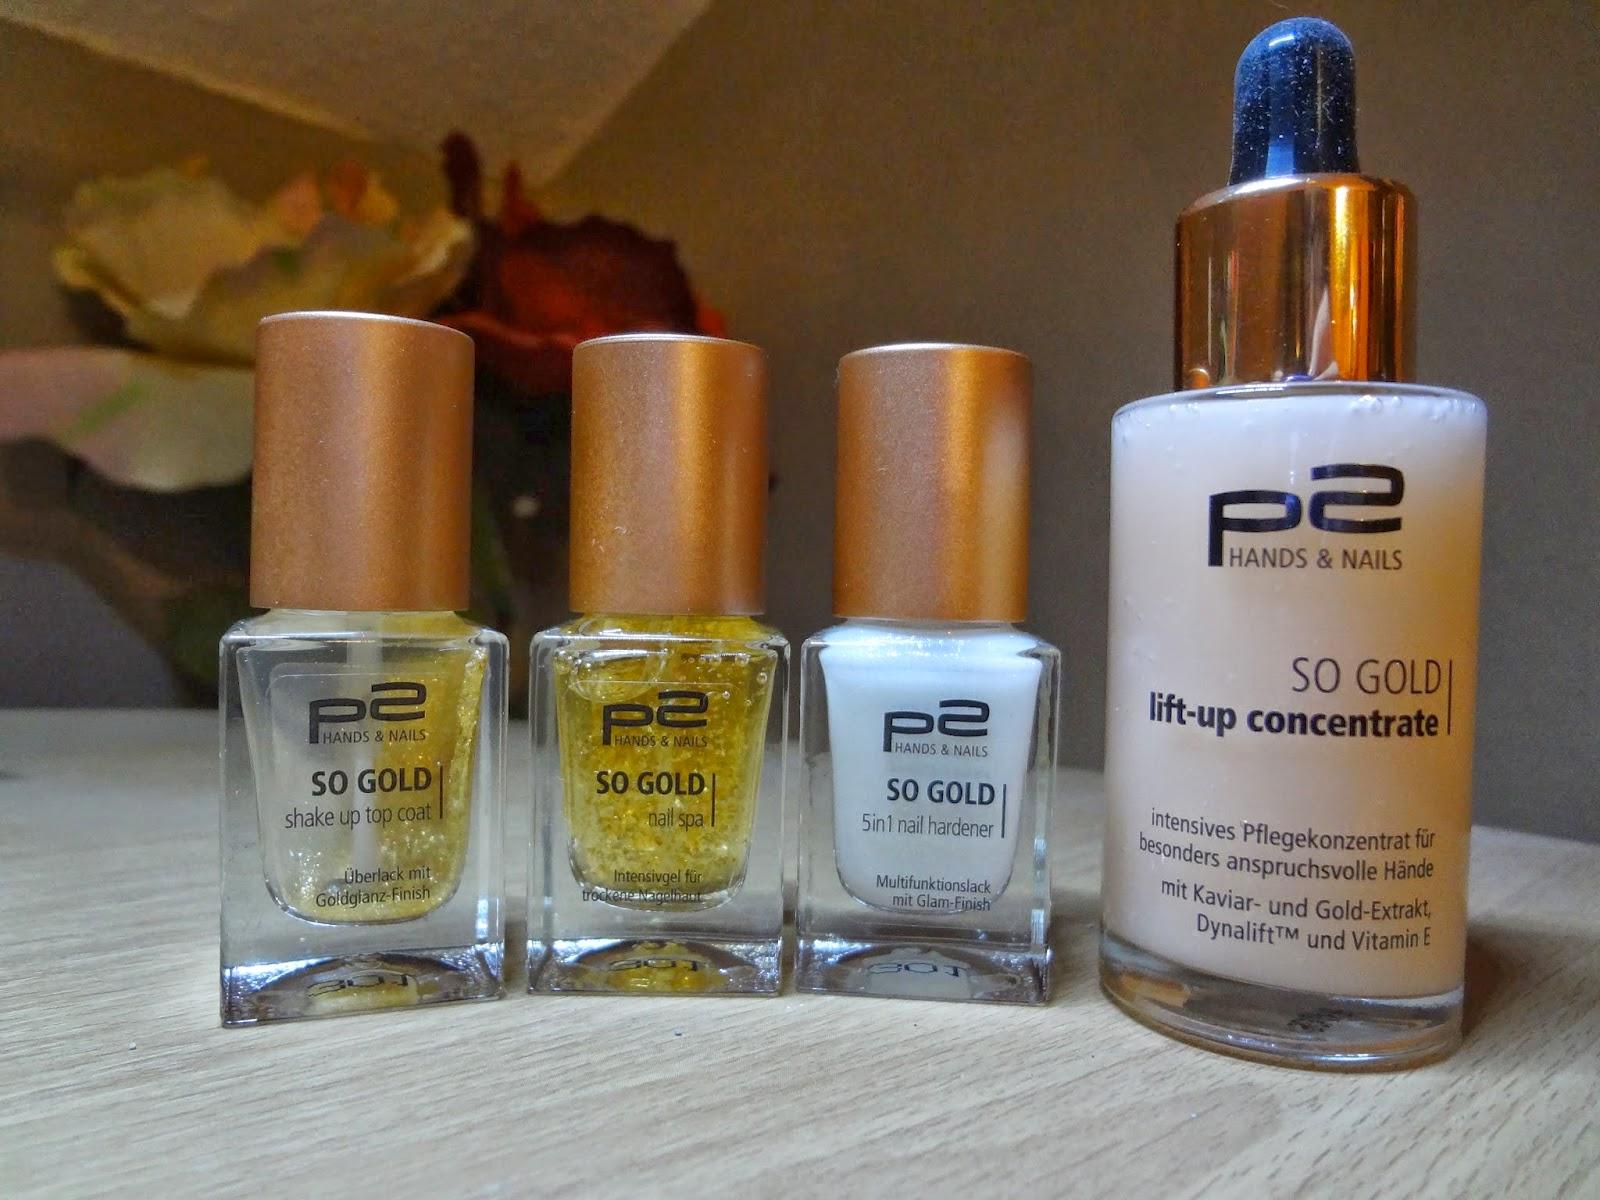 & plötzlich alles Lilablau: p2 So Gold Hand- und Nagelpflege